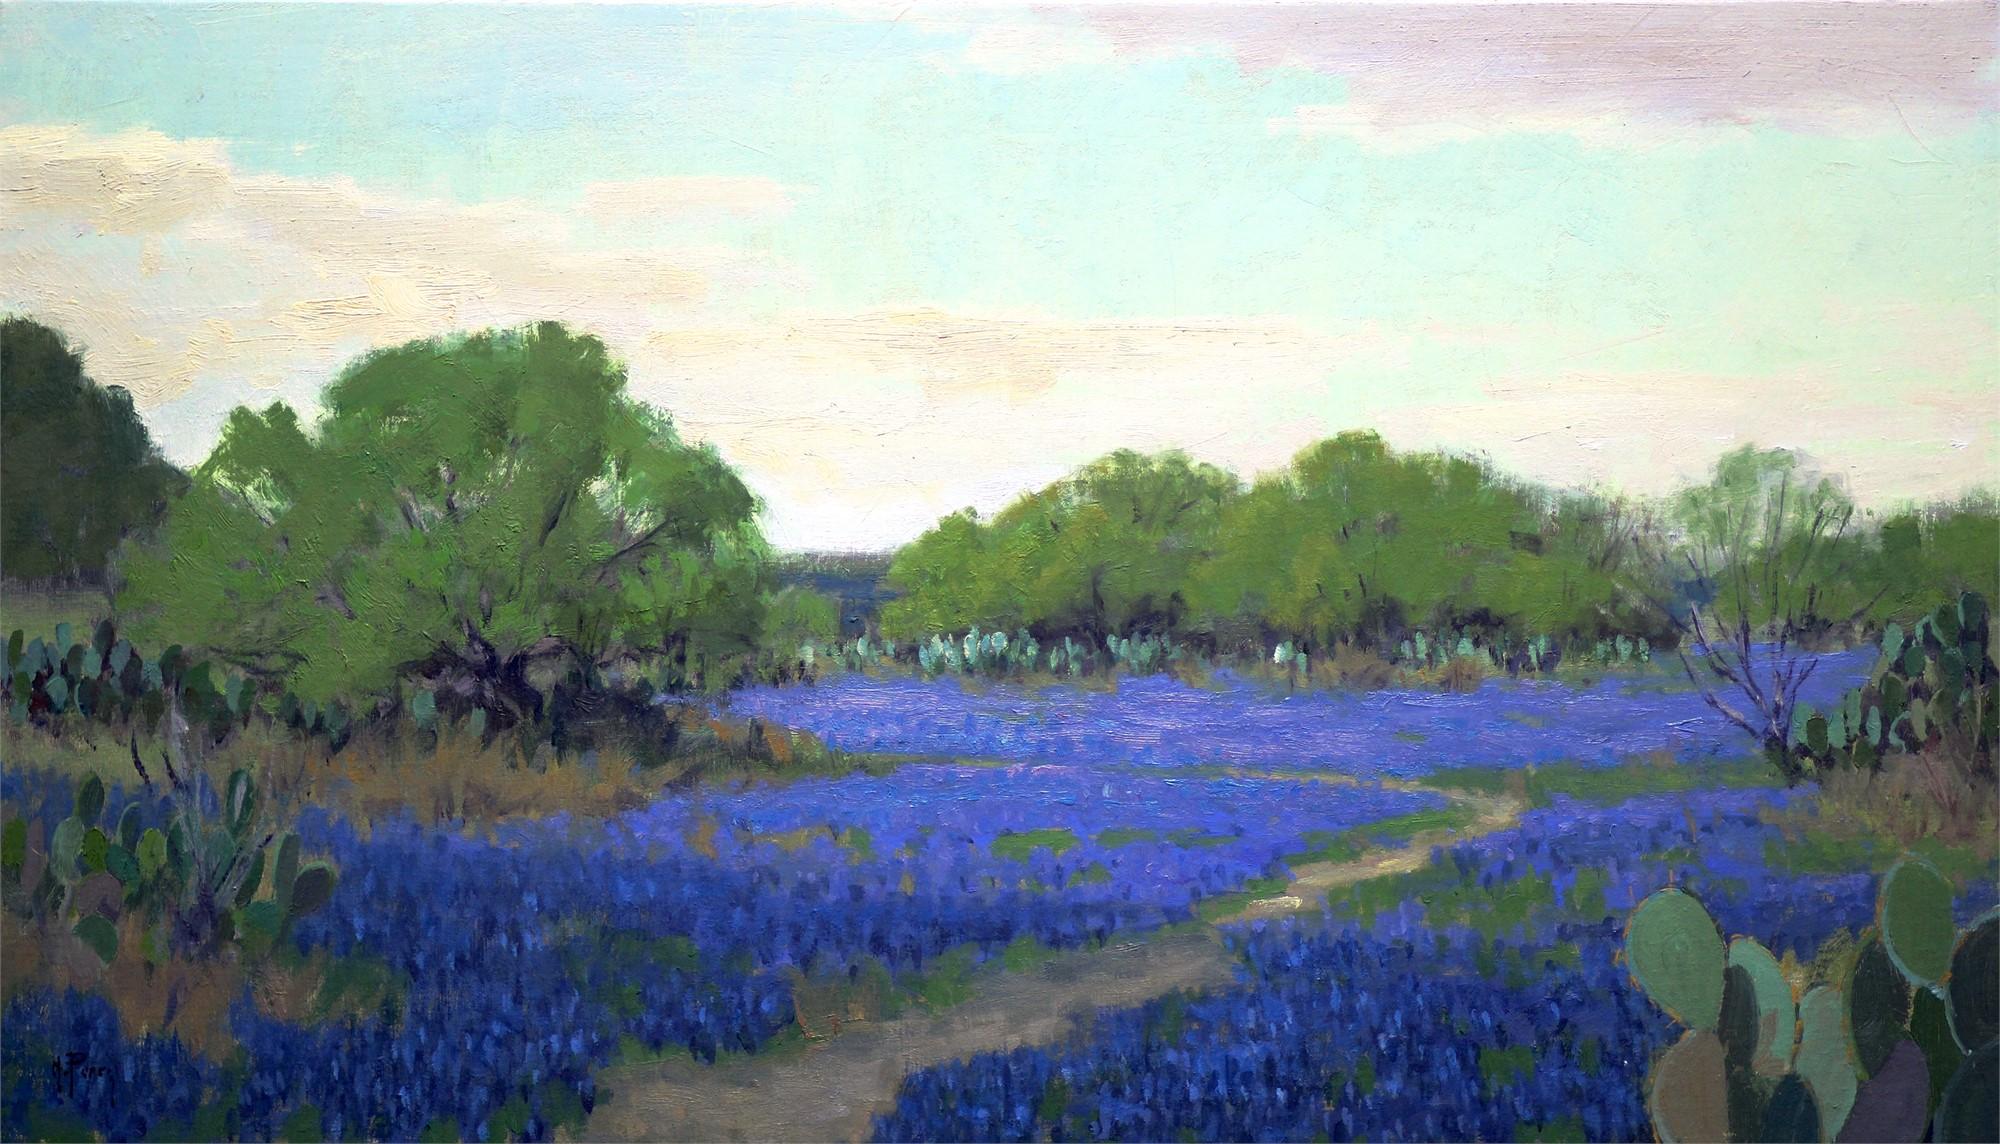 Path thru the Bluebonnets by Noe Perez